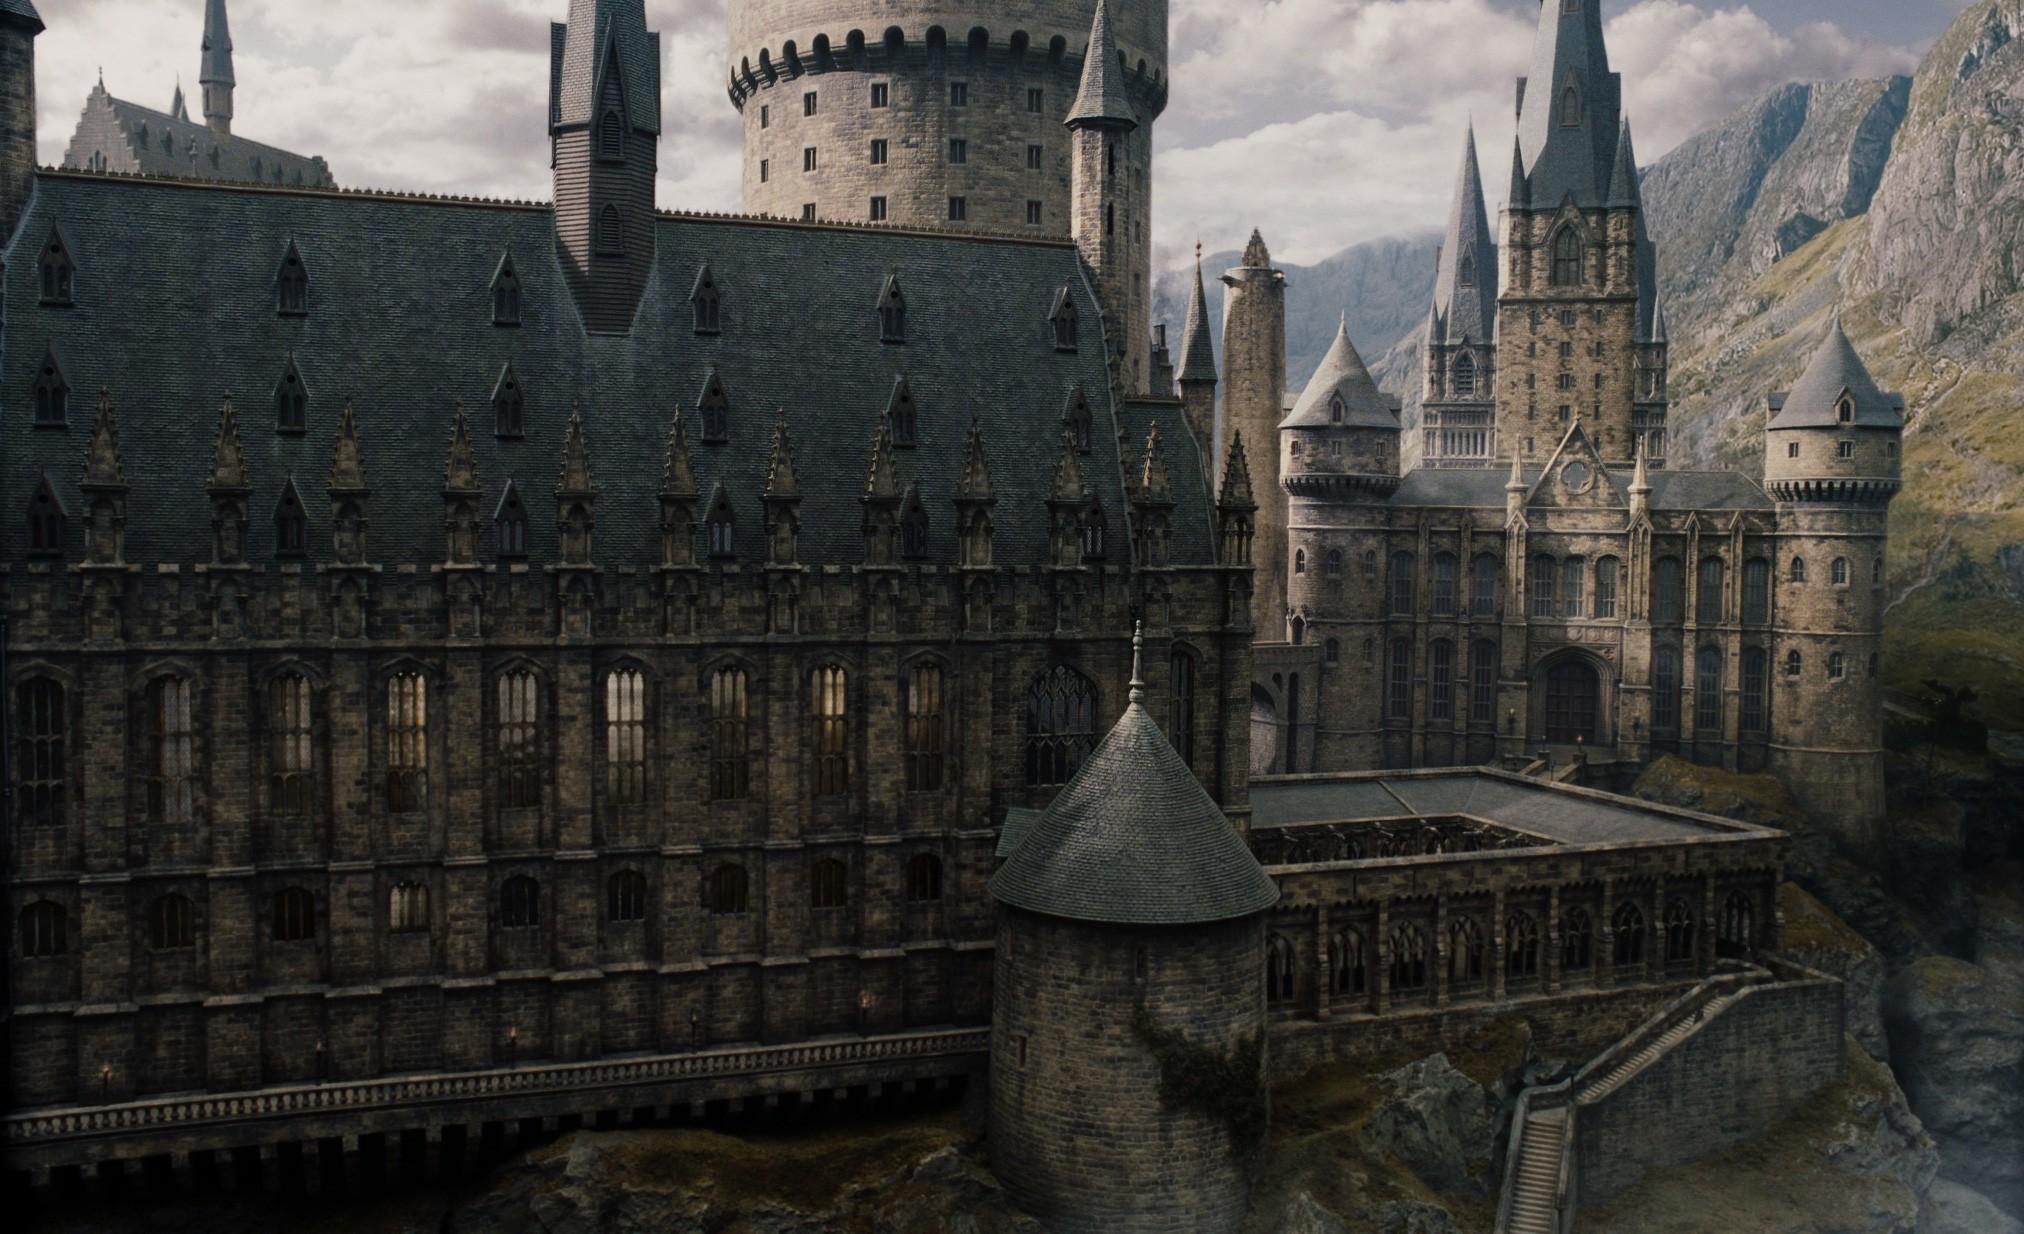 Castelo de Hogwarts no filme 'Harry Potter' (Foto: Divulgação)